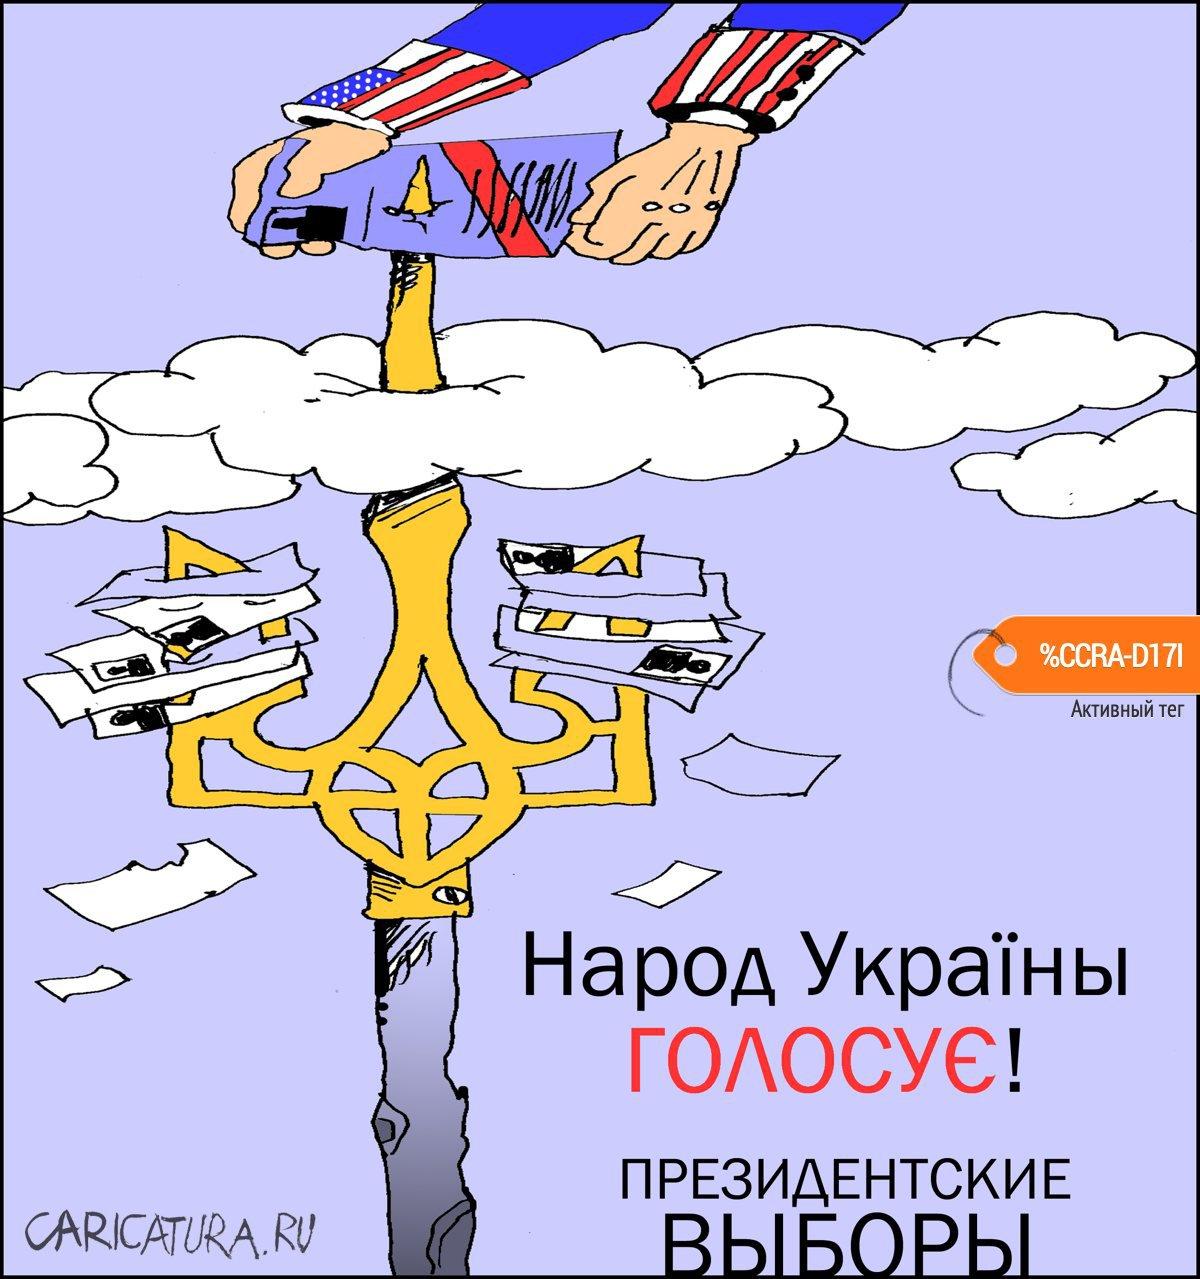 Народное волеизъявление, Александр Уваров